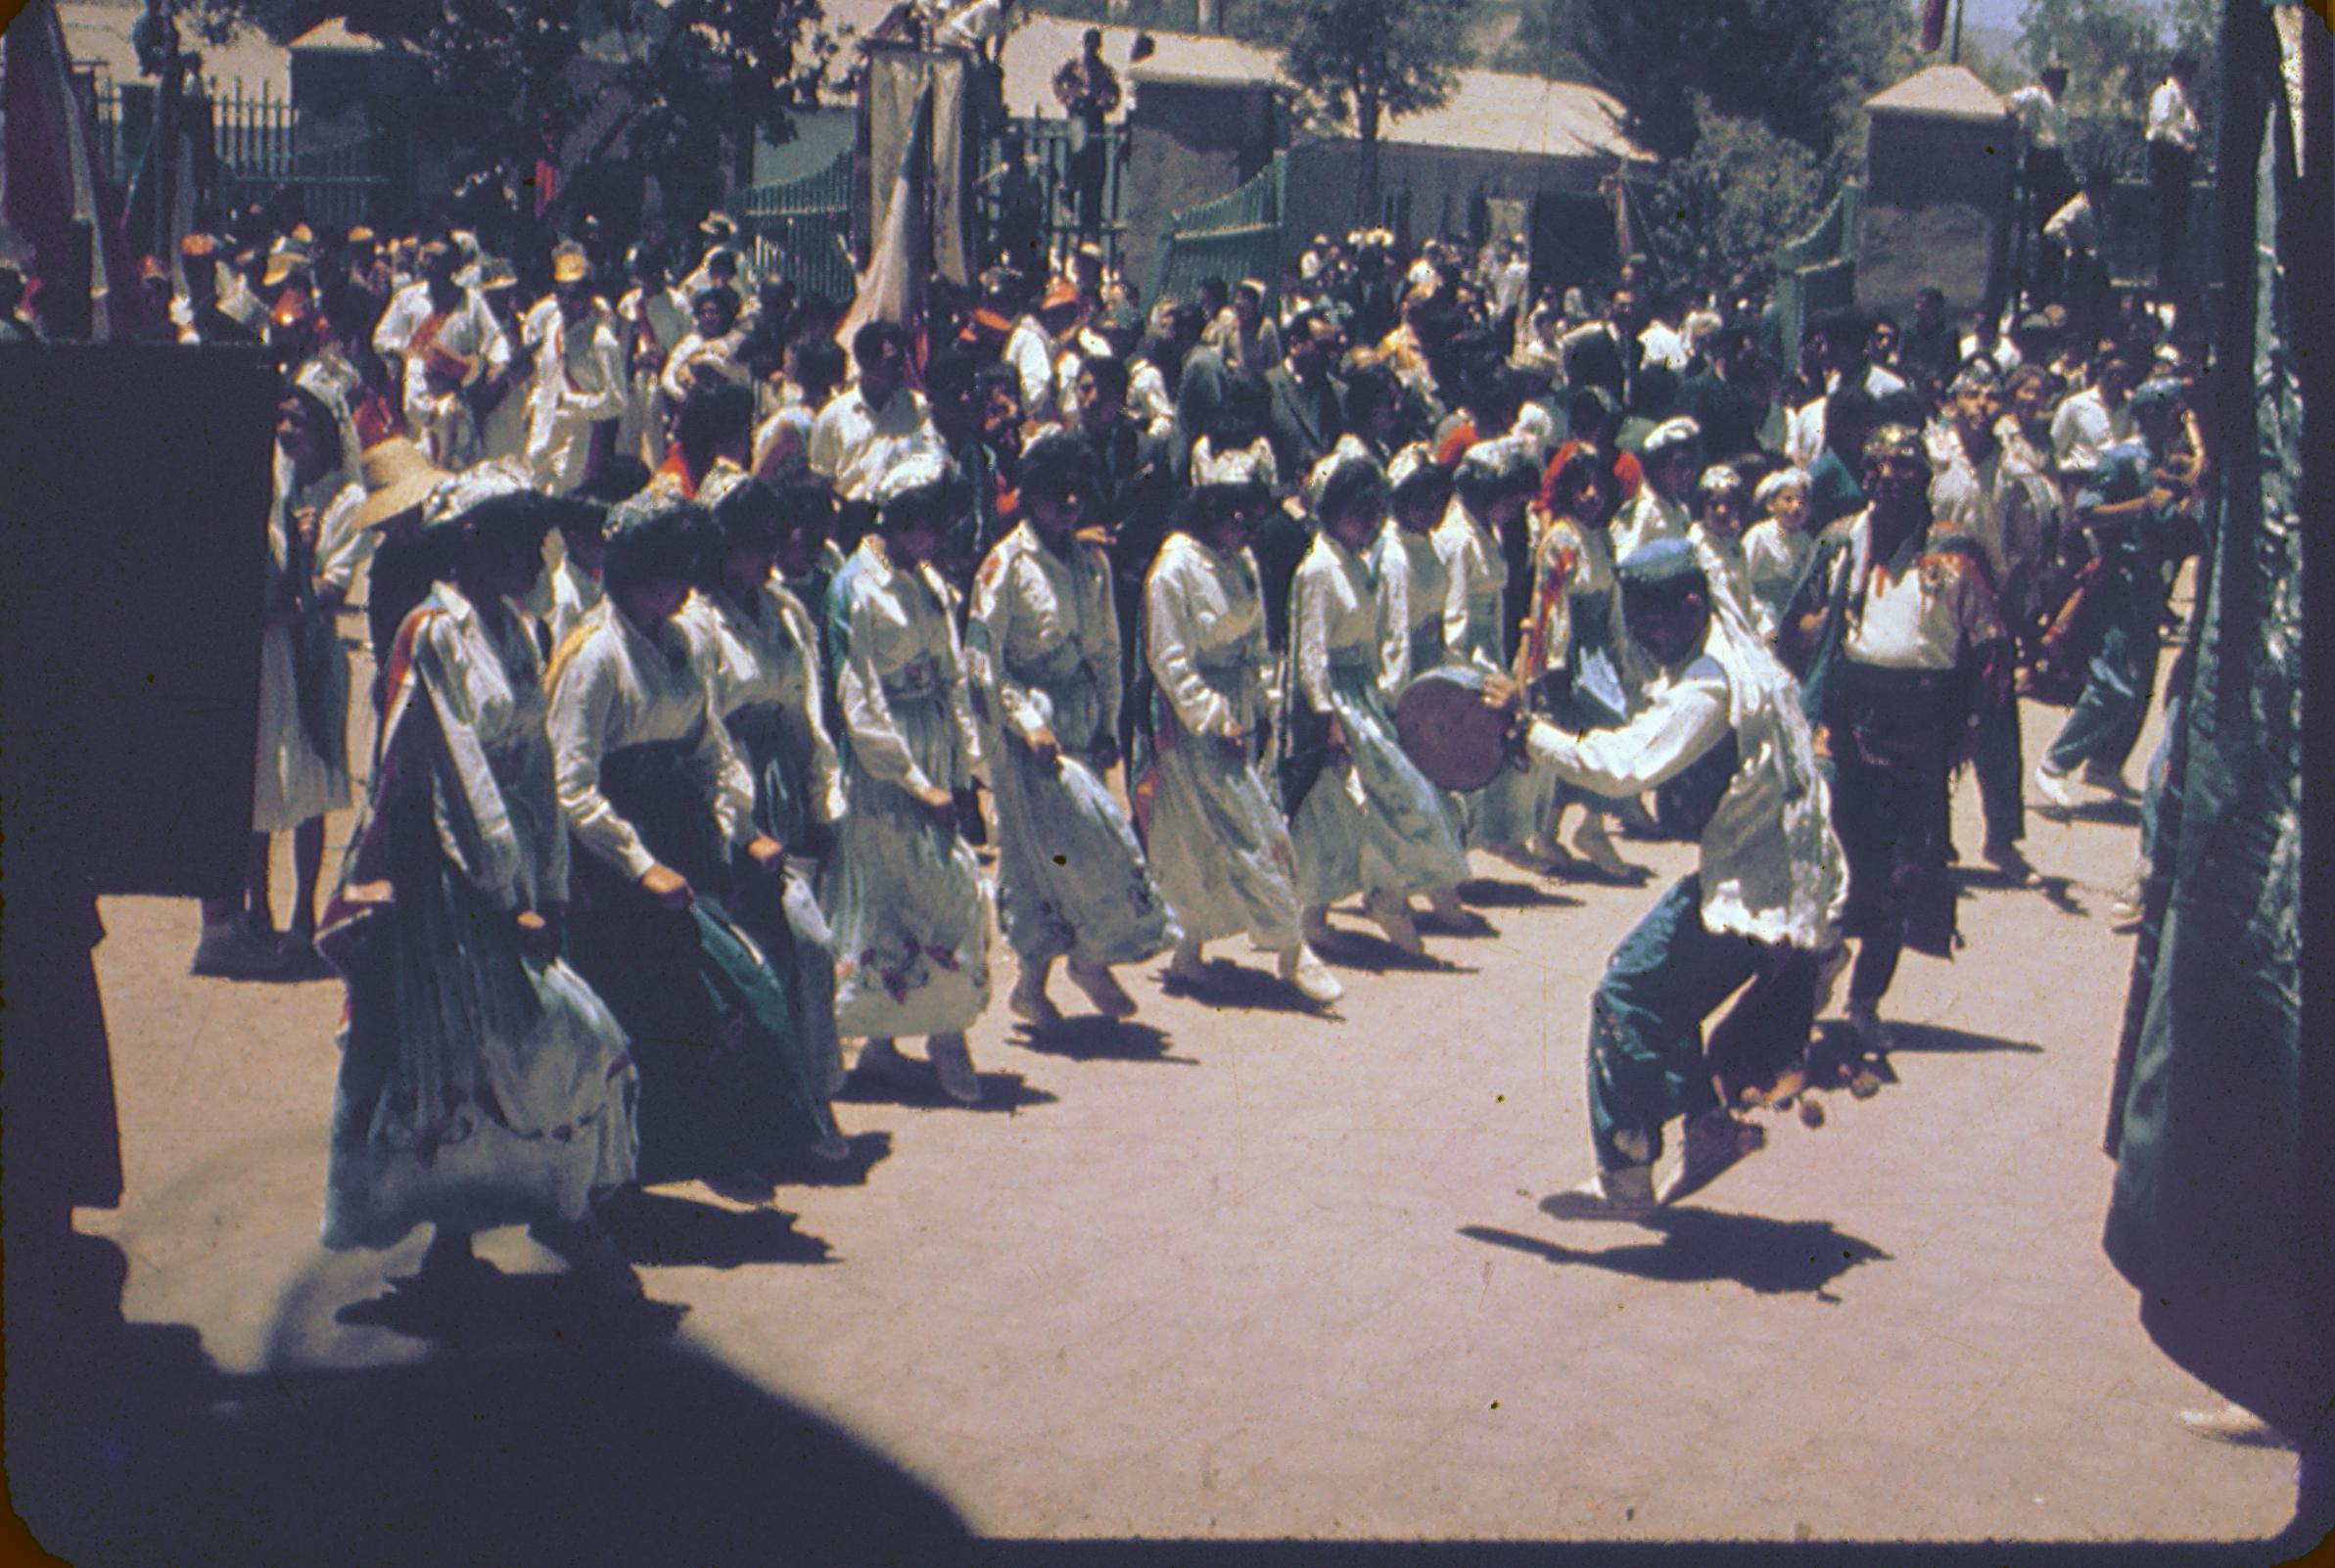 Enterreno - Fotos históricas de chile - fotos antiguas de Chile - Baile de los Chinos de Andacollo, 1960s